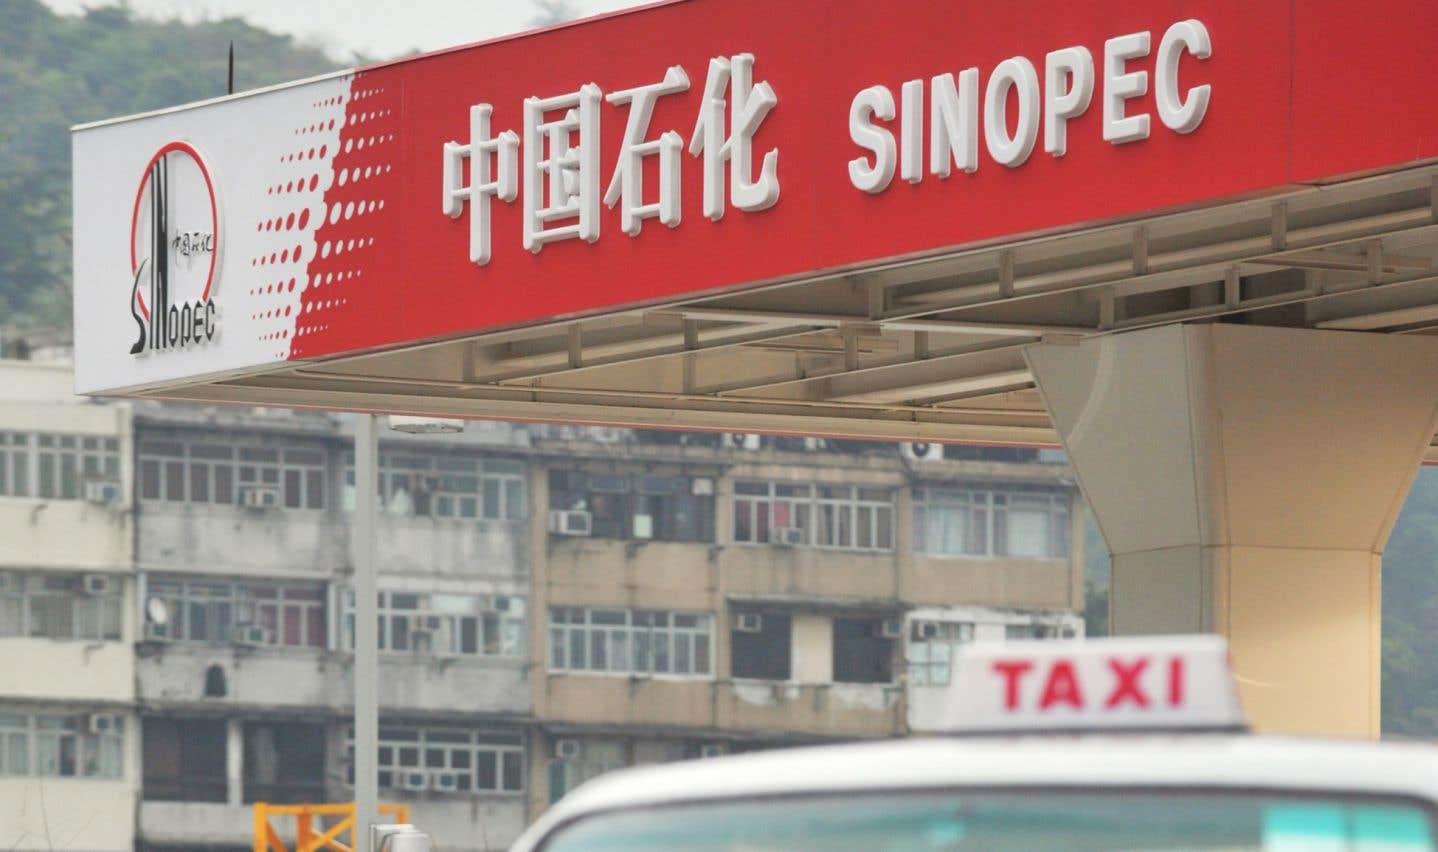 Sinopec est le premier détaillant mondial de produits pétroliers